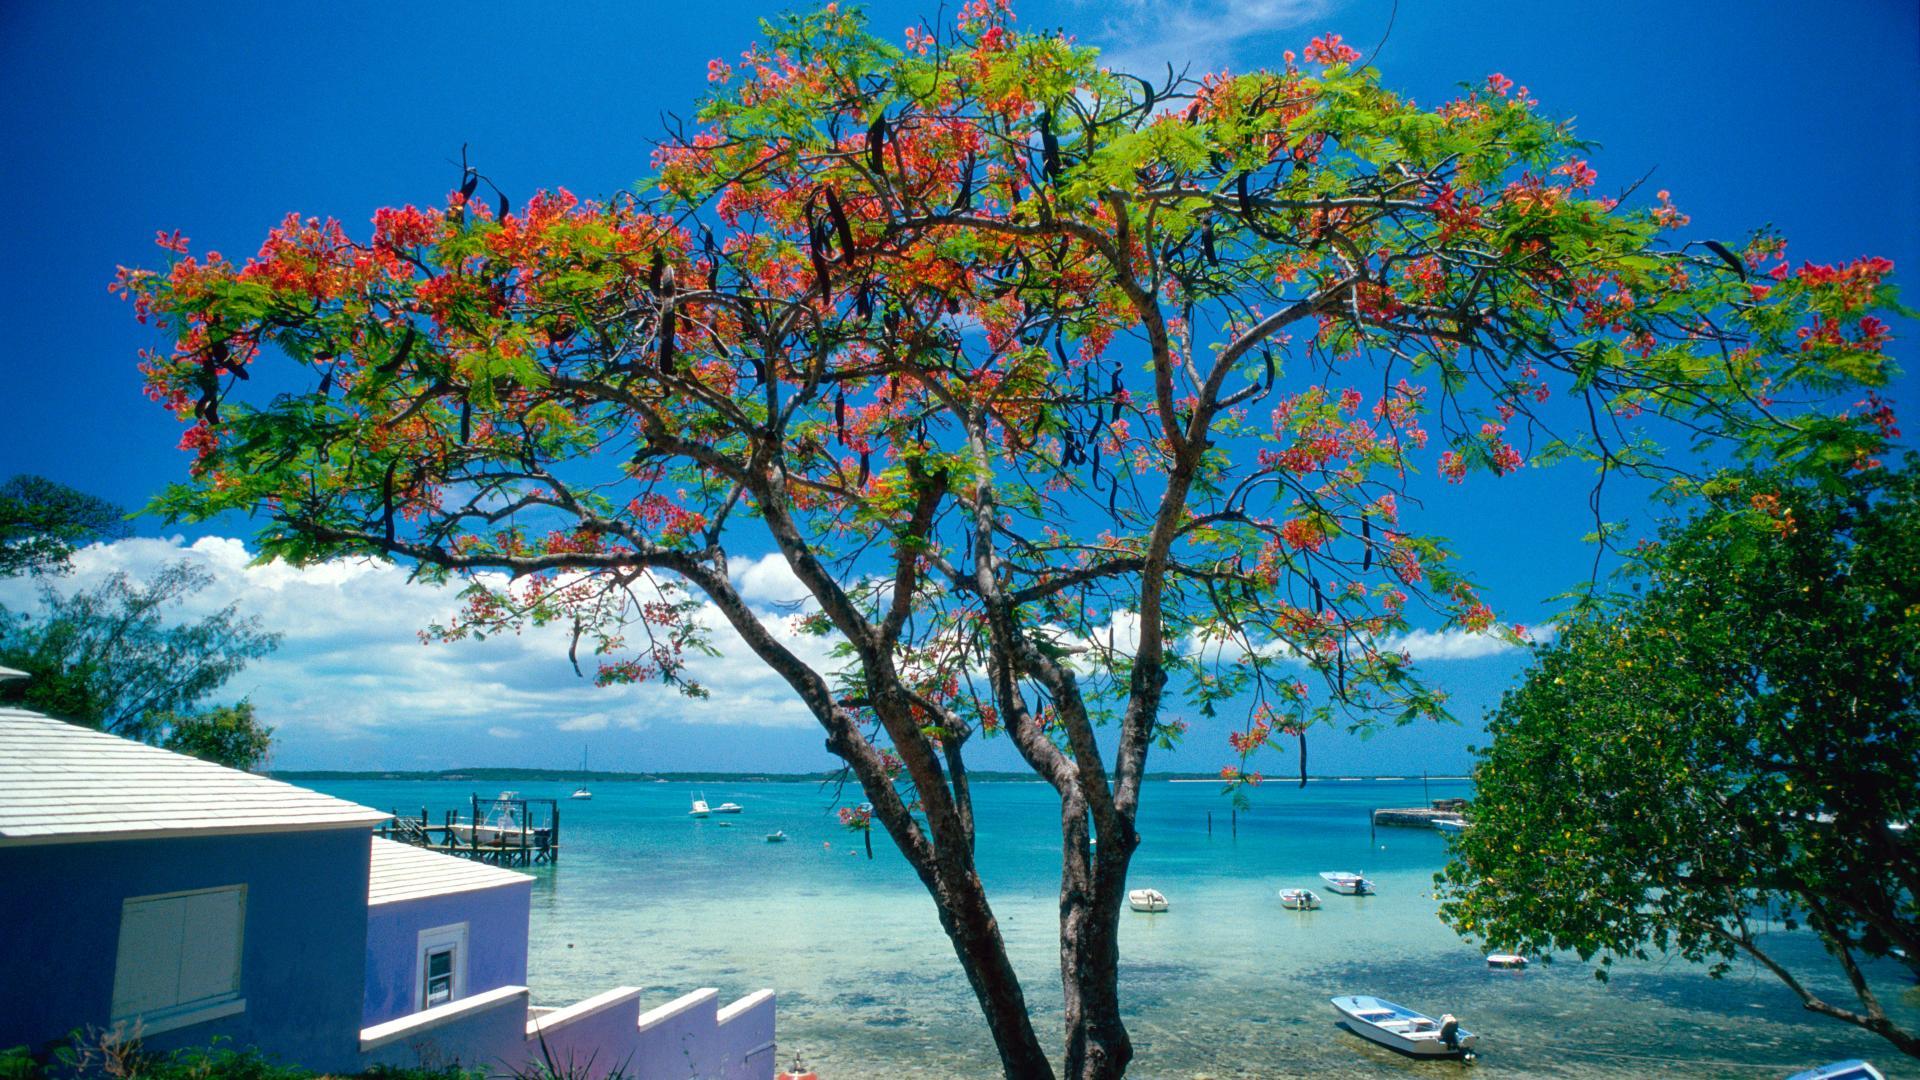 Summer Wallpaper Hd Tropical Escape Bahamas 10 000 Fonds D 233 Cran Hd